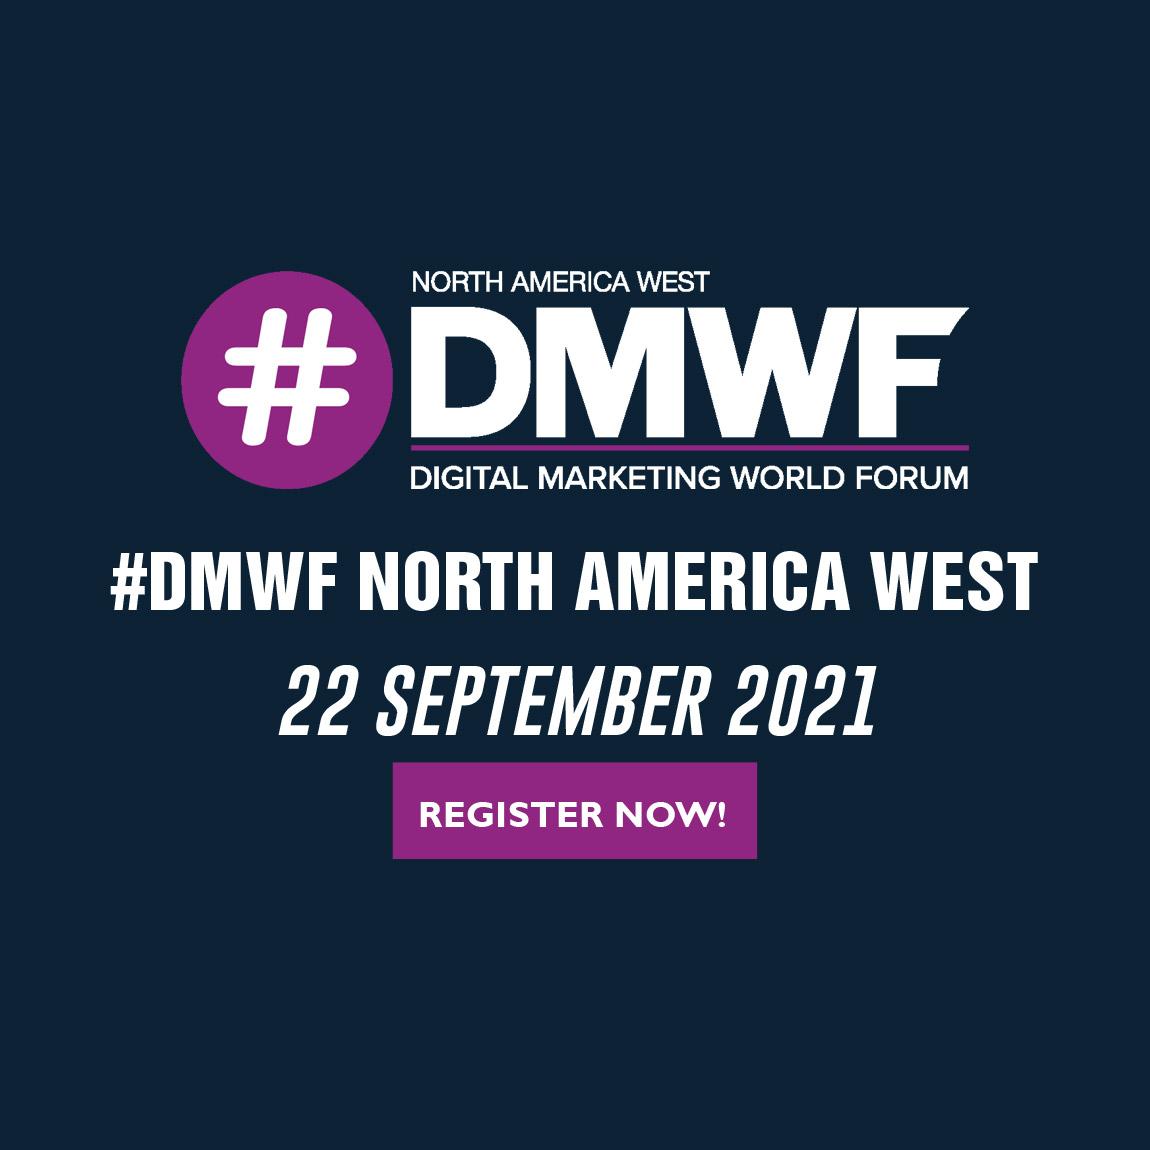 #DMWF North America West